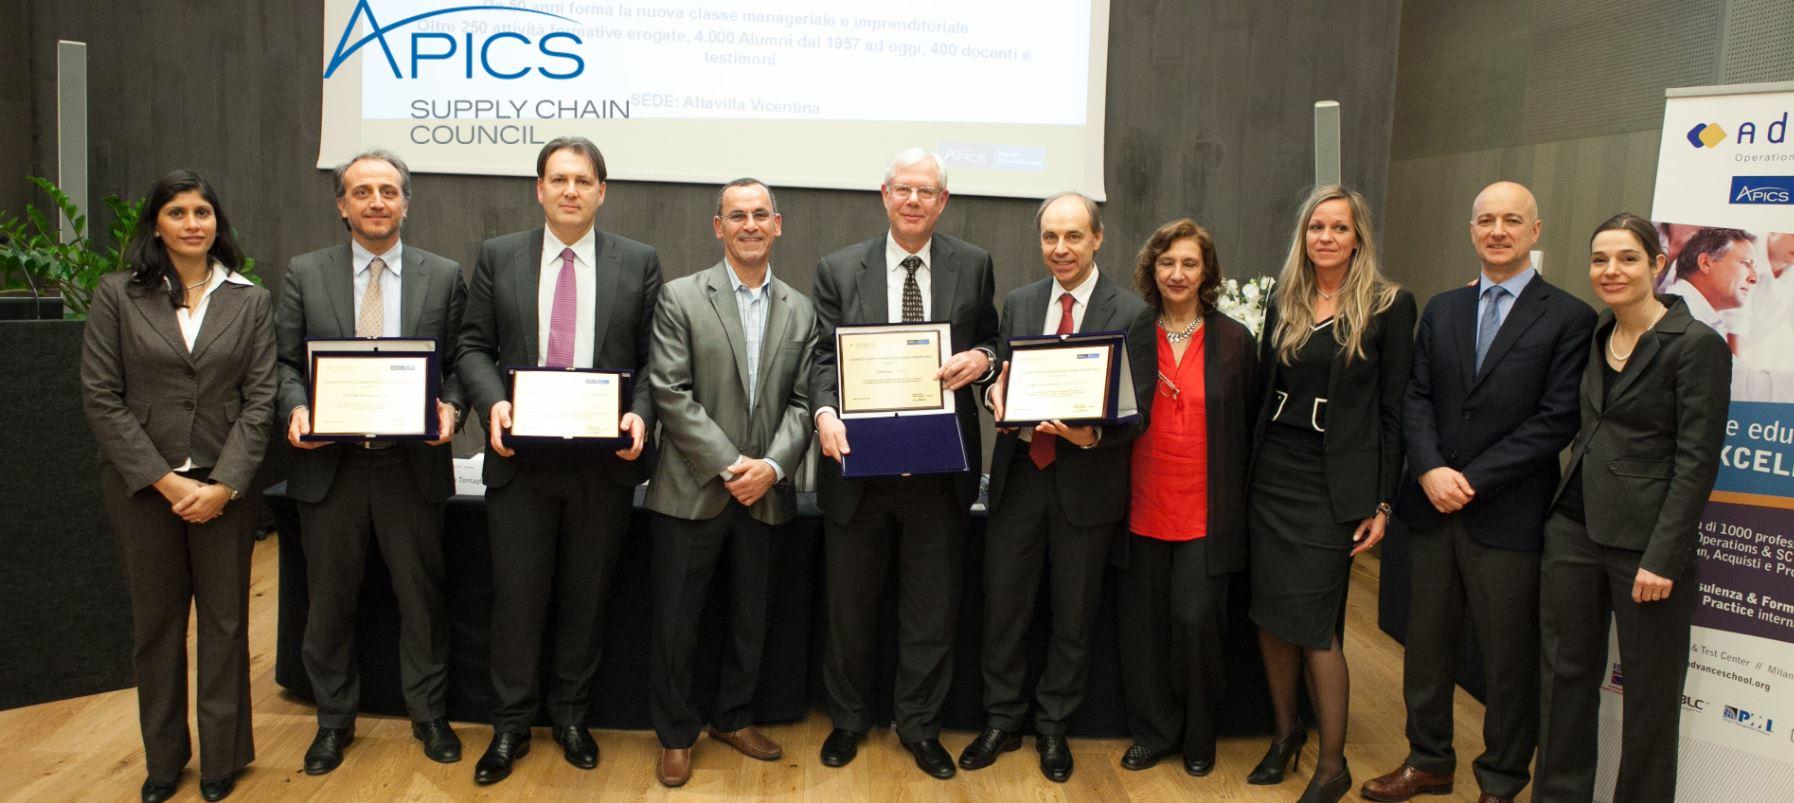 Premio-APICS